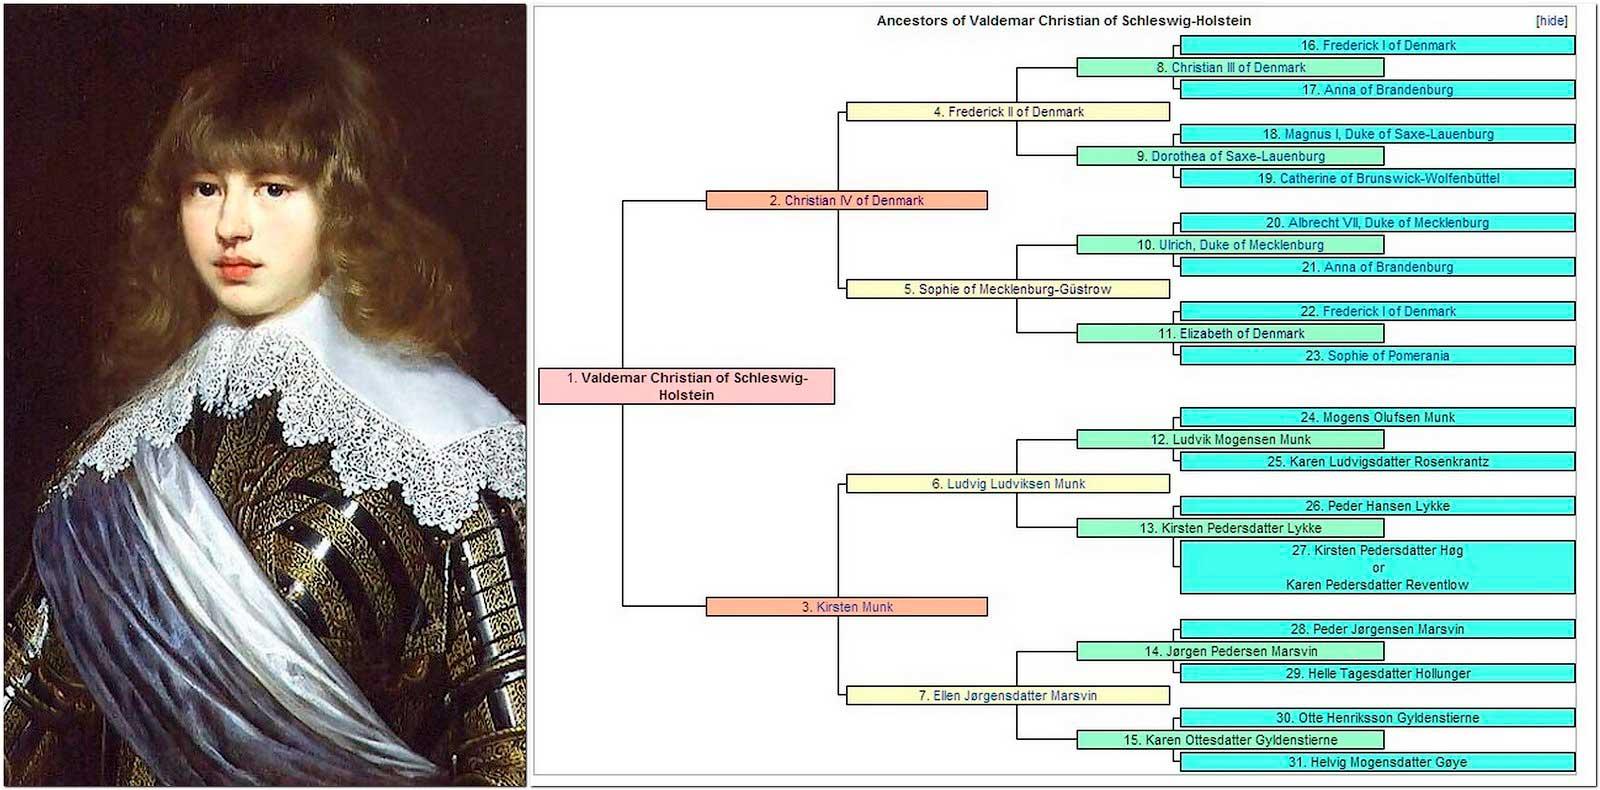 Родословная Вальдемара (жениха дочери русского царя Михаила).